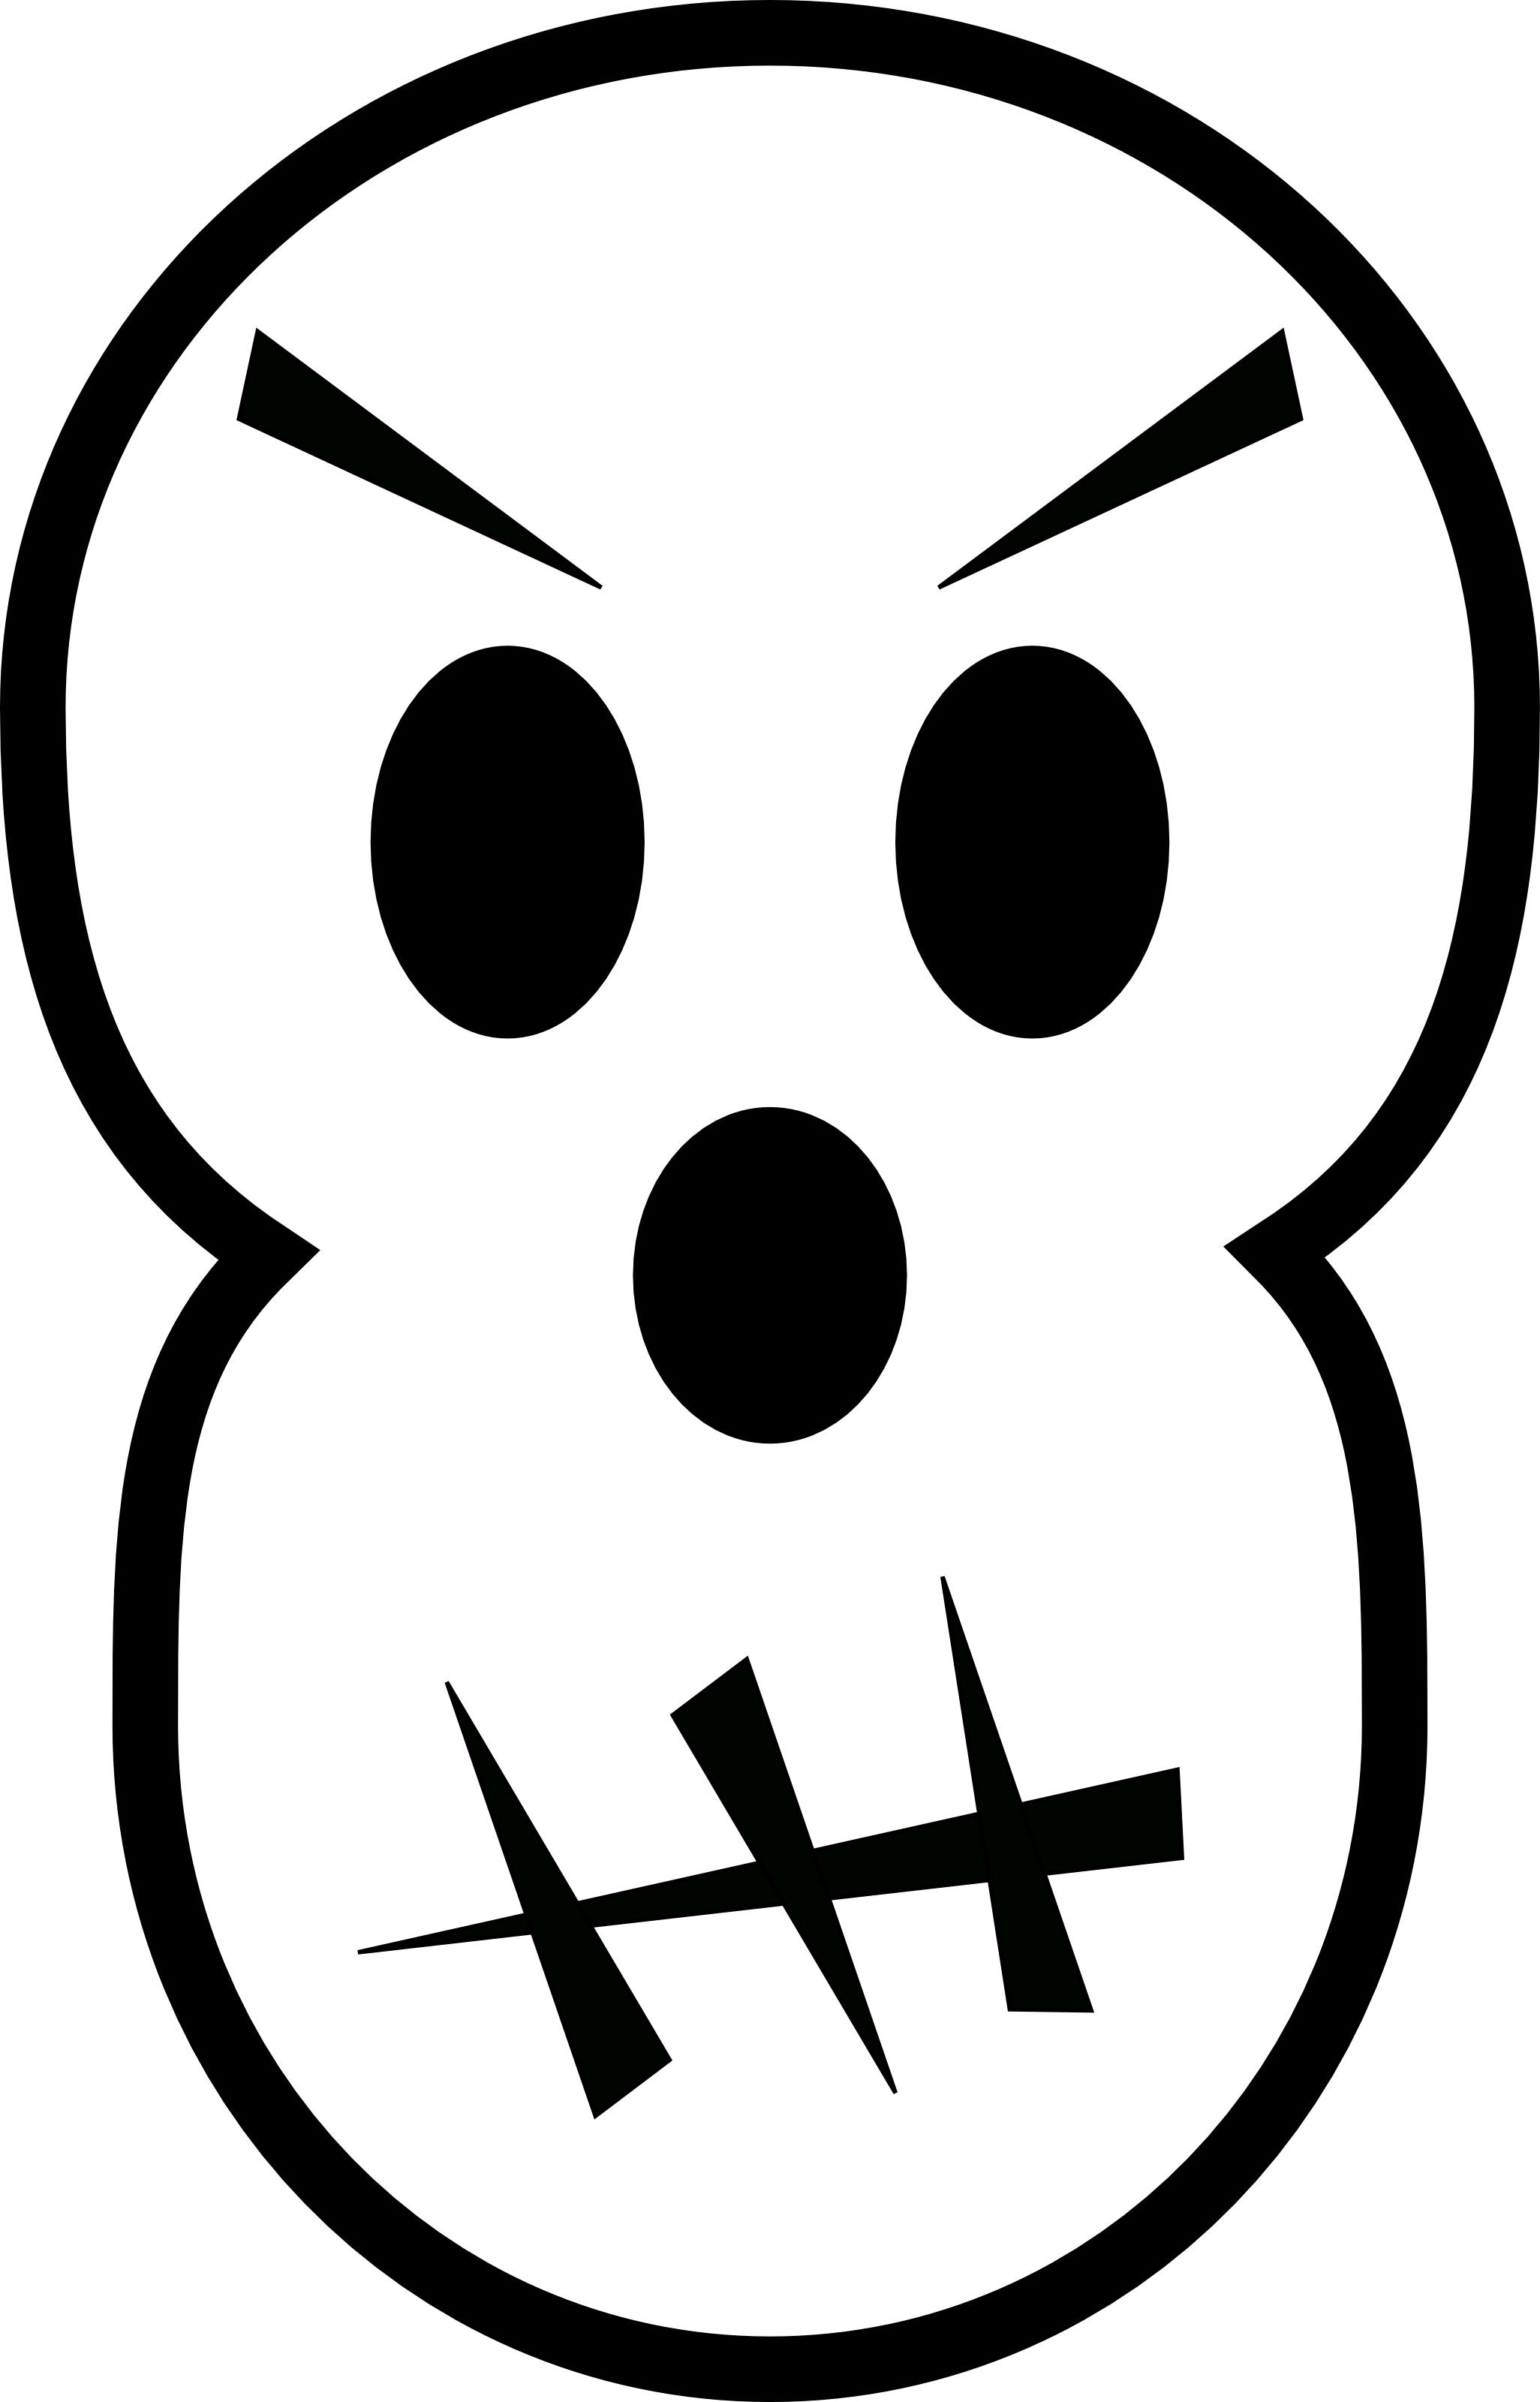 batman symbol clipart free download best batman symbol clipart on